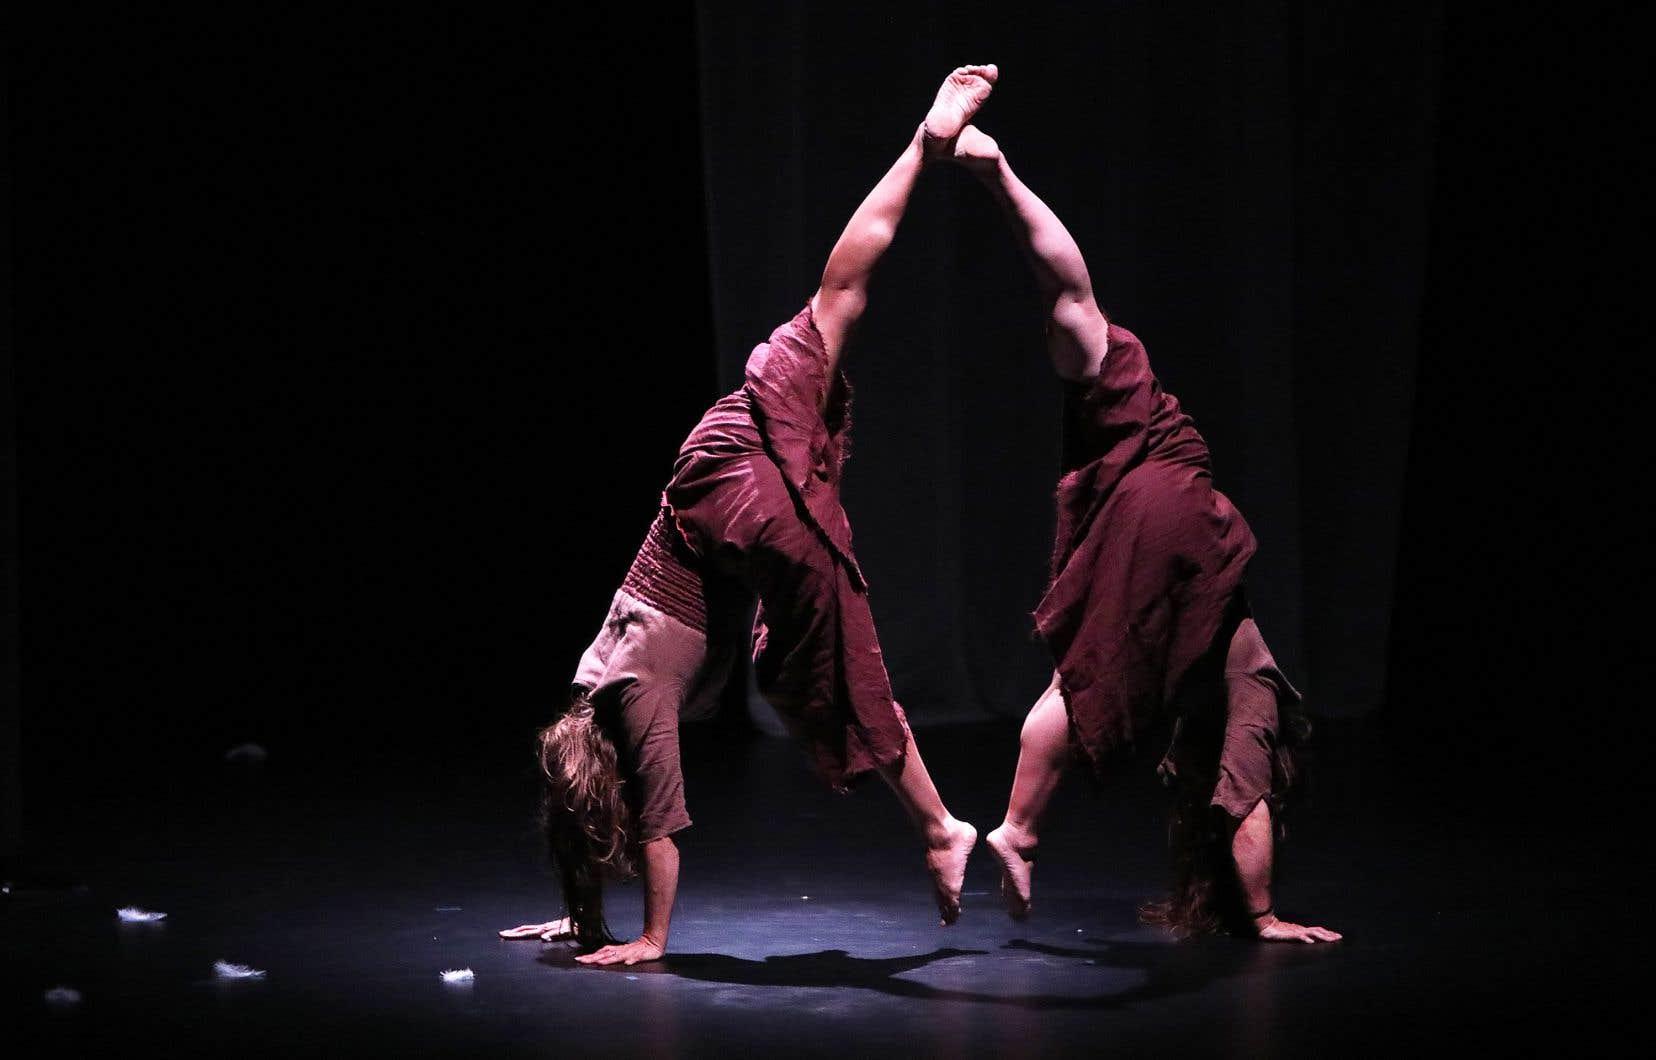 Mi-théâtral mi-cirque, <em>Sisters</em>navigue aux frontières de l'espace-temps, oscillant entre rêve et conscience.